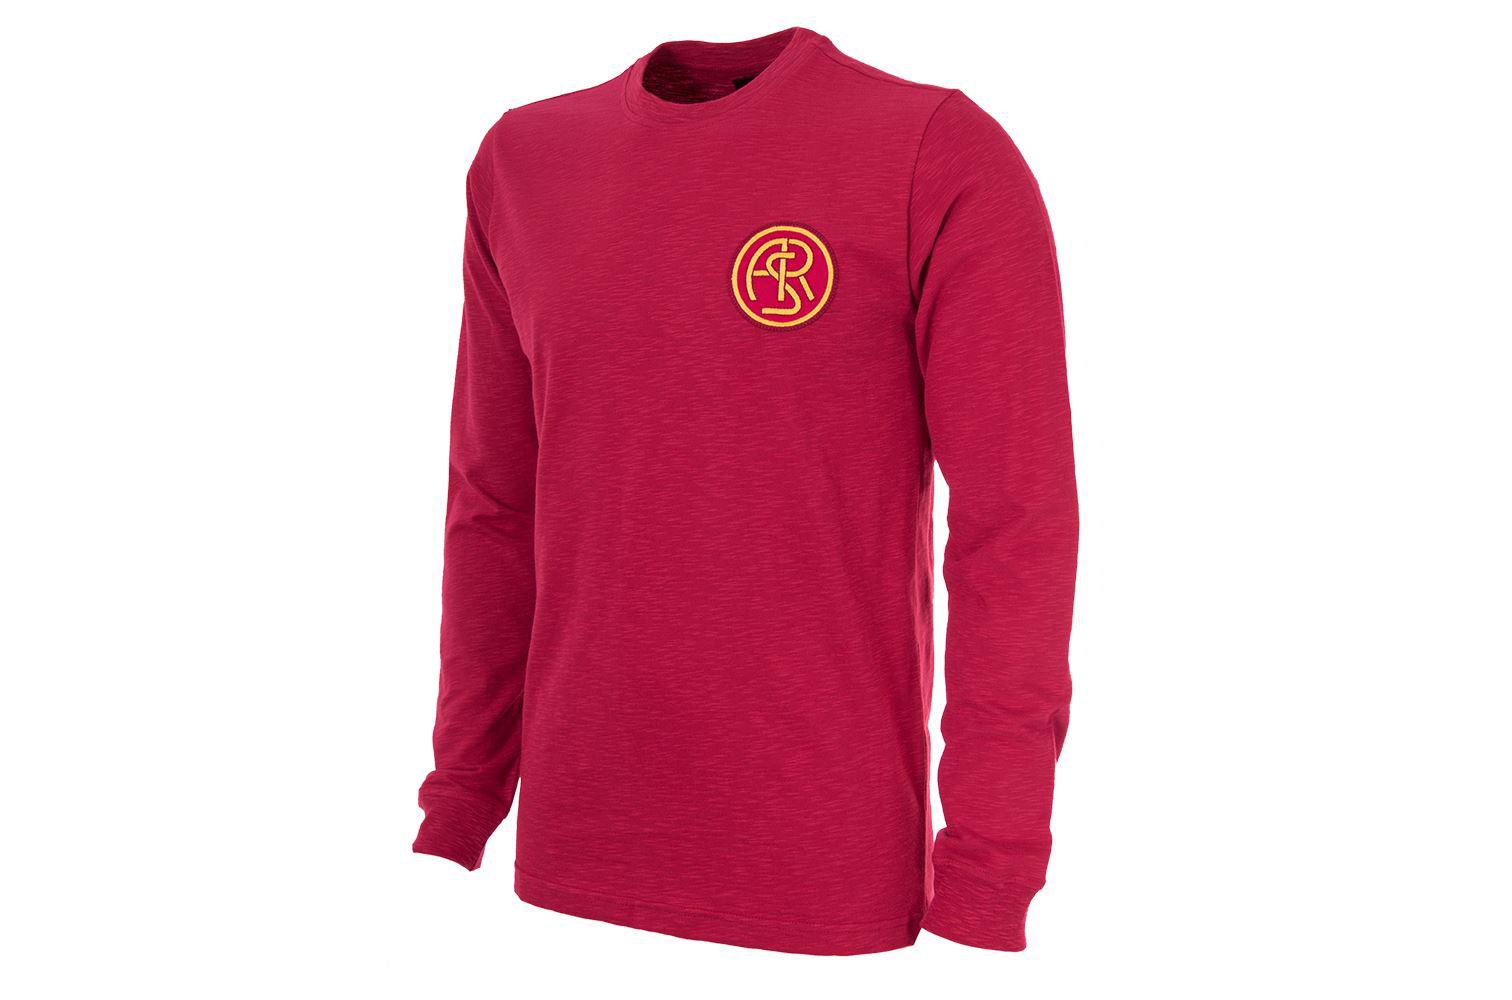 3f4e4ca4661 Copa Classic Retro Football Shirts – Forza27